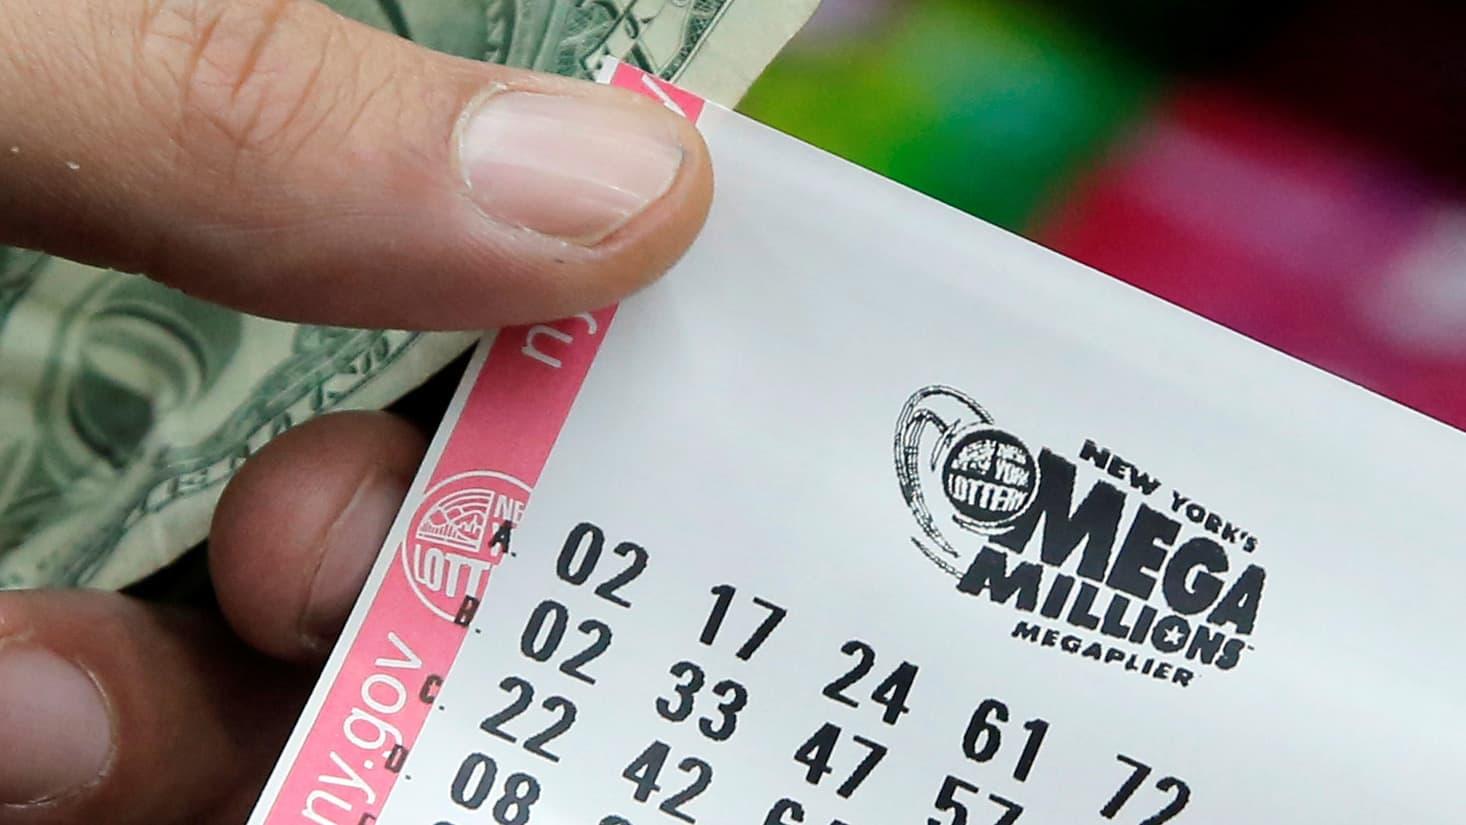 Tallying the tax bill on a $540 million Mega Millions win